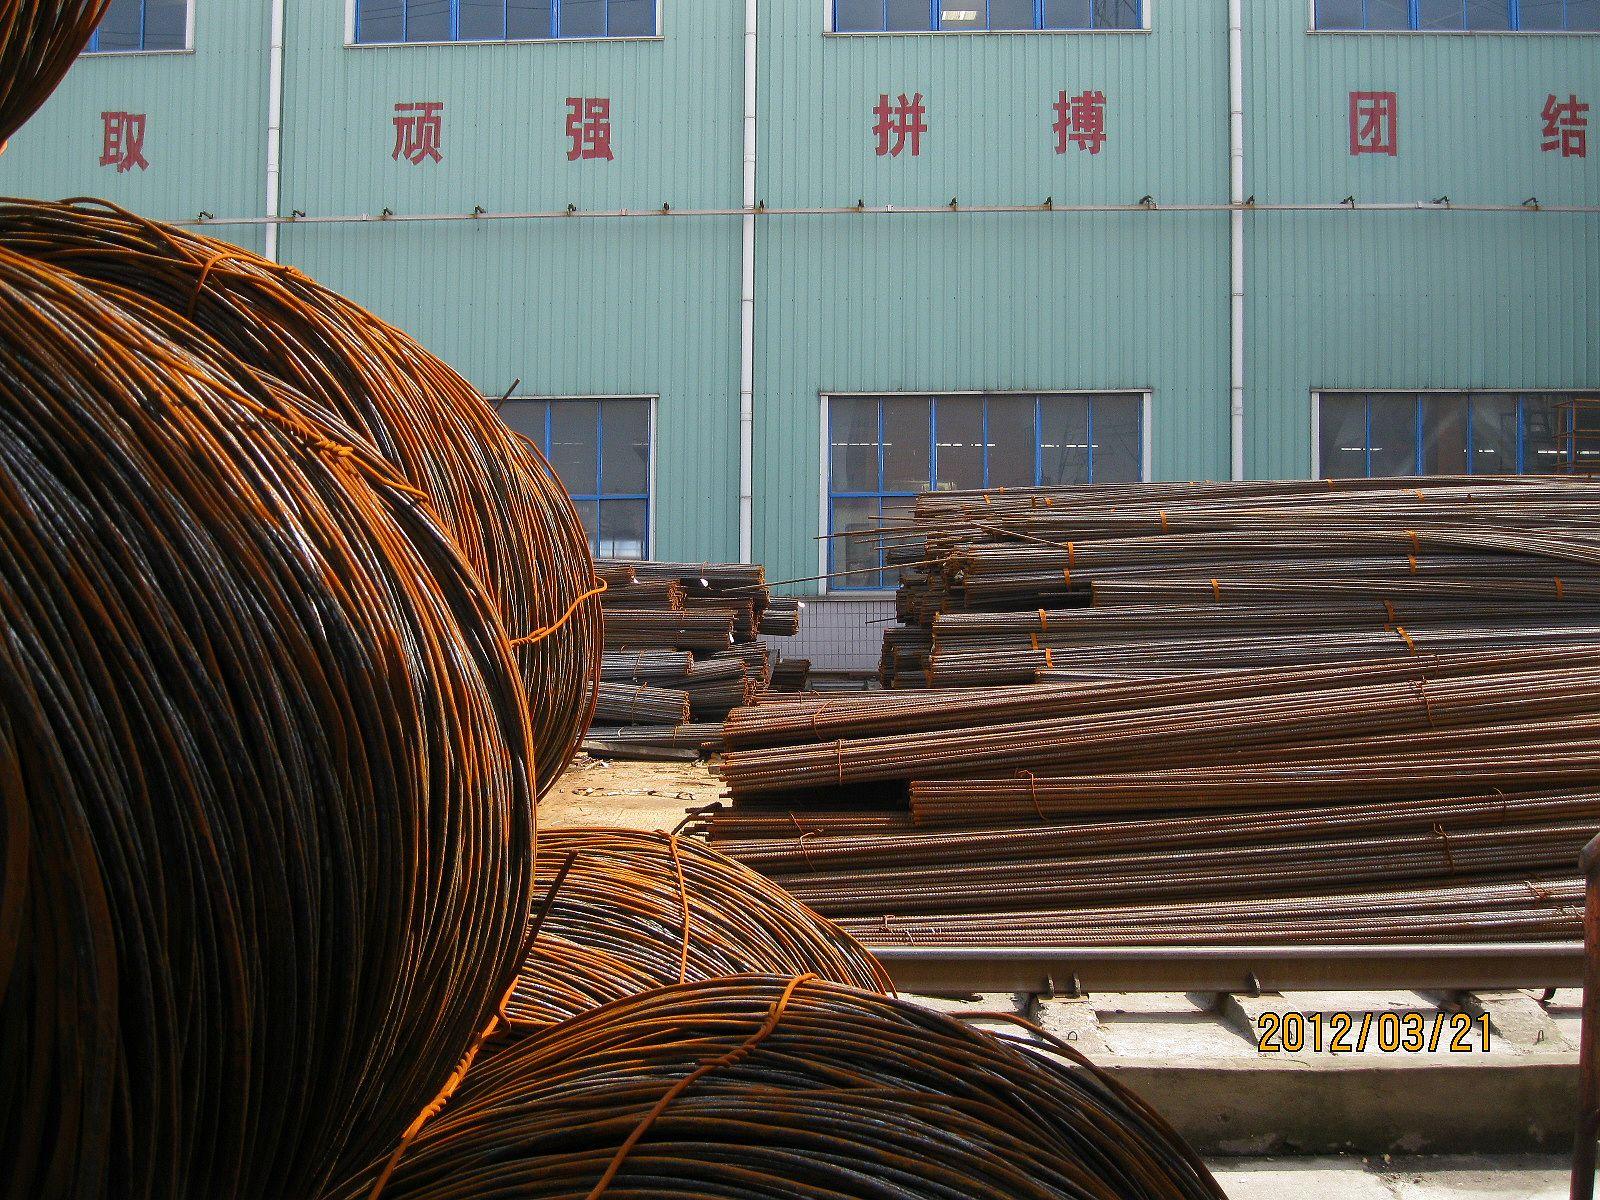 上海地区/A仓库:螺纹的量本周减少了,减少的量大概有450吨左右。